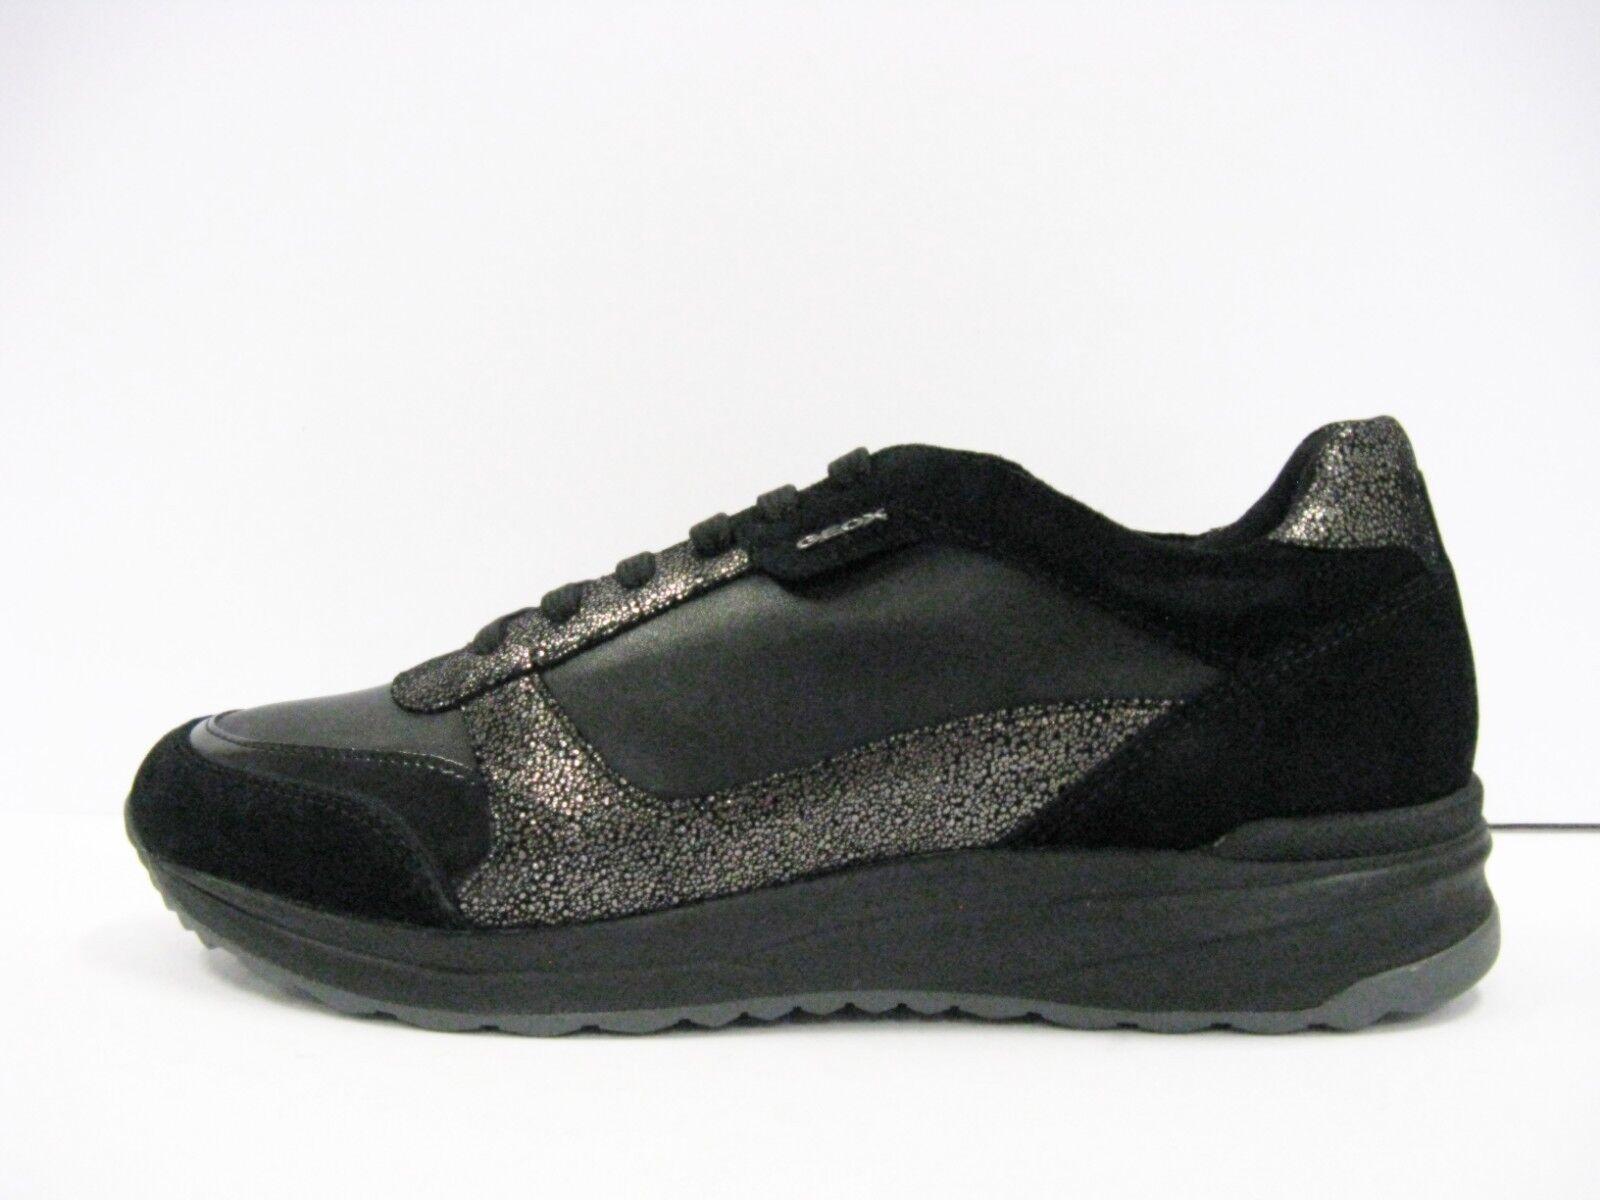 GEOX D642SC AIRELL scarpa donna geobuck e camoscio nero suola gomma traspirante | Per Vincere Elogio Caldo Dai Clienti  | Uomo/Donna Scarpa